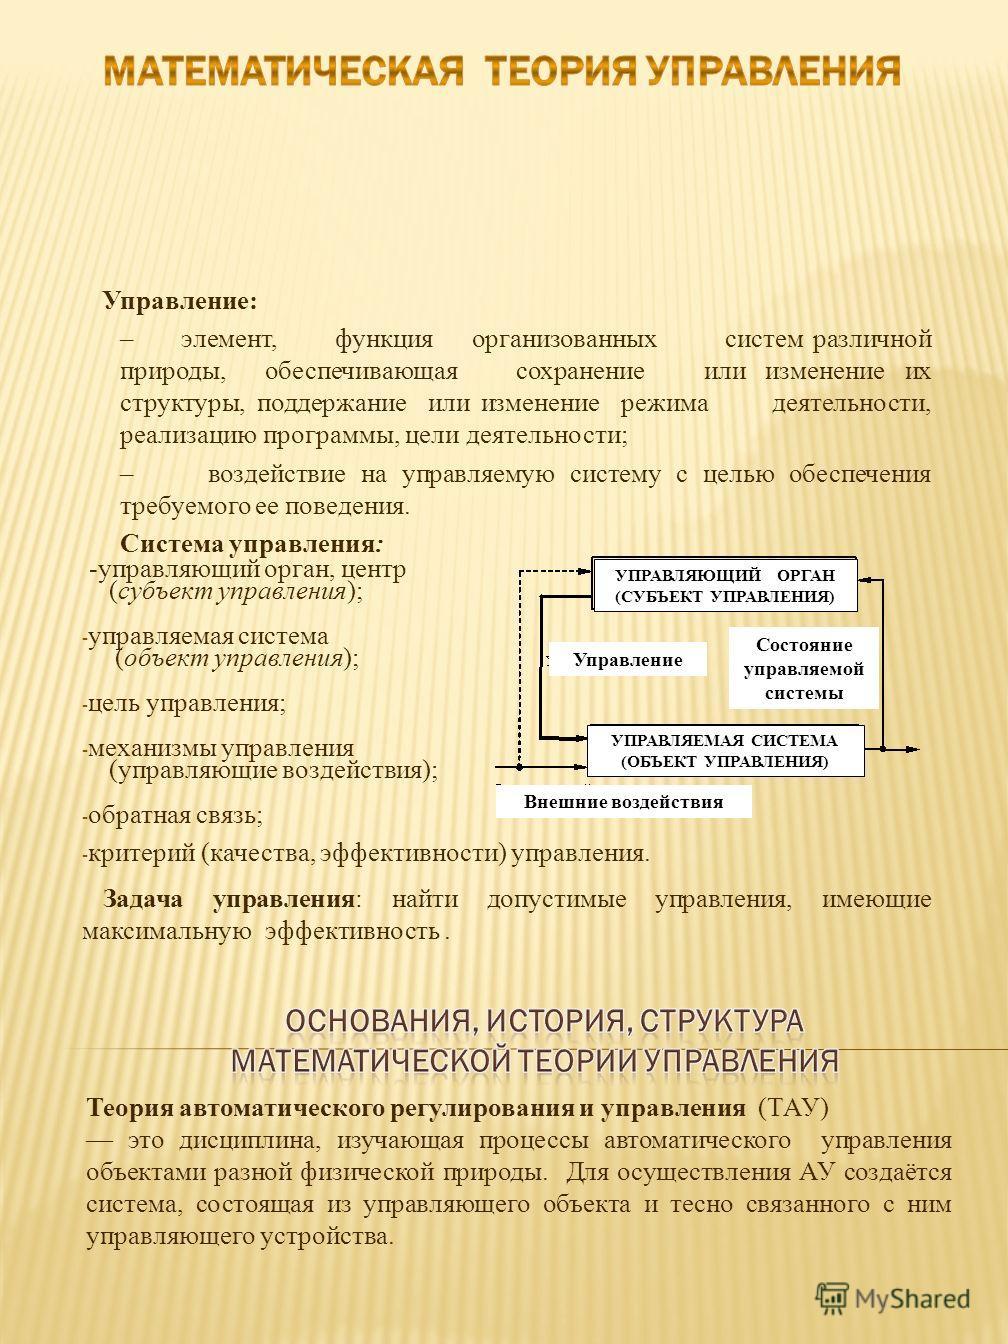 Управление: – элемент, функция организованных систем различной природы, обеспечивающая сохранение или изменение их структуры, поддержание или изменение режима деятельности, реализацию программы, цели деятельности; – воздействие на управляемую систему